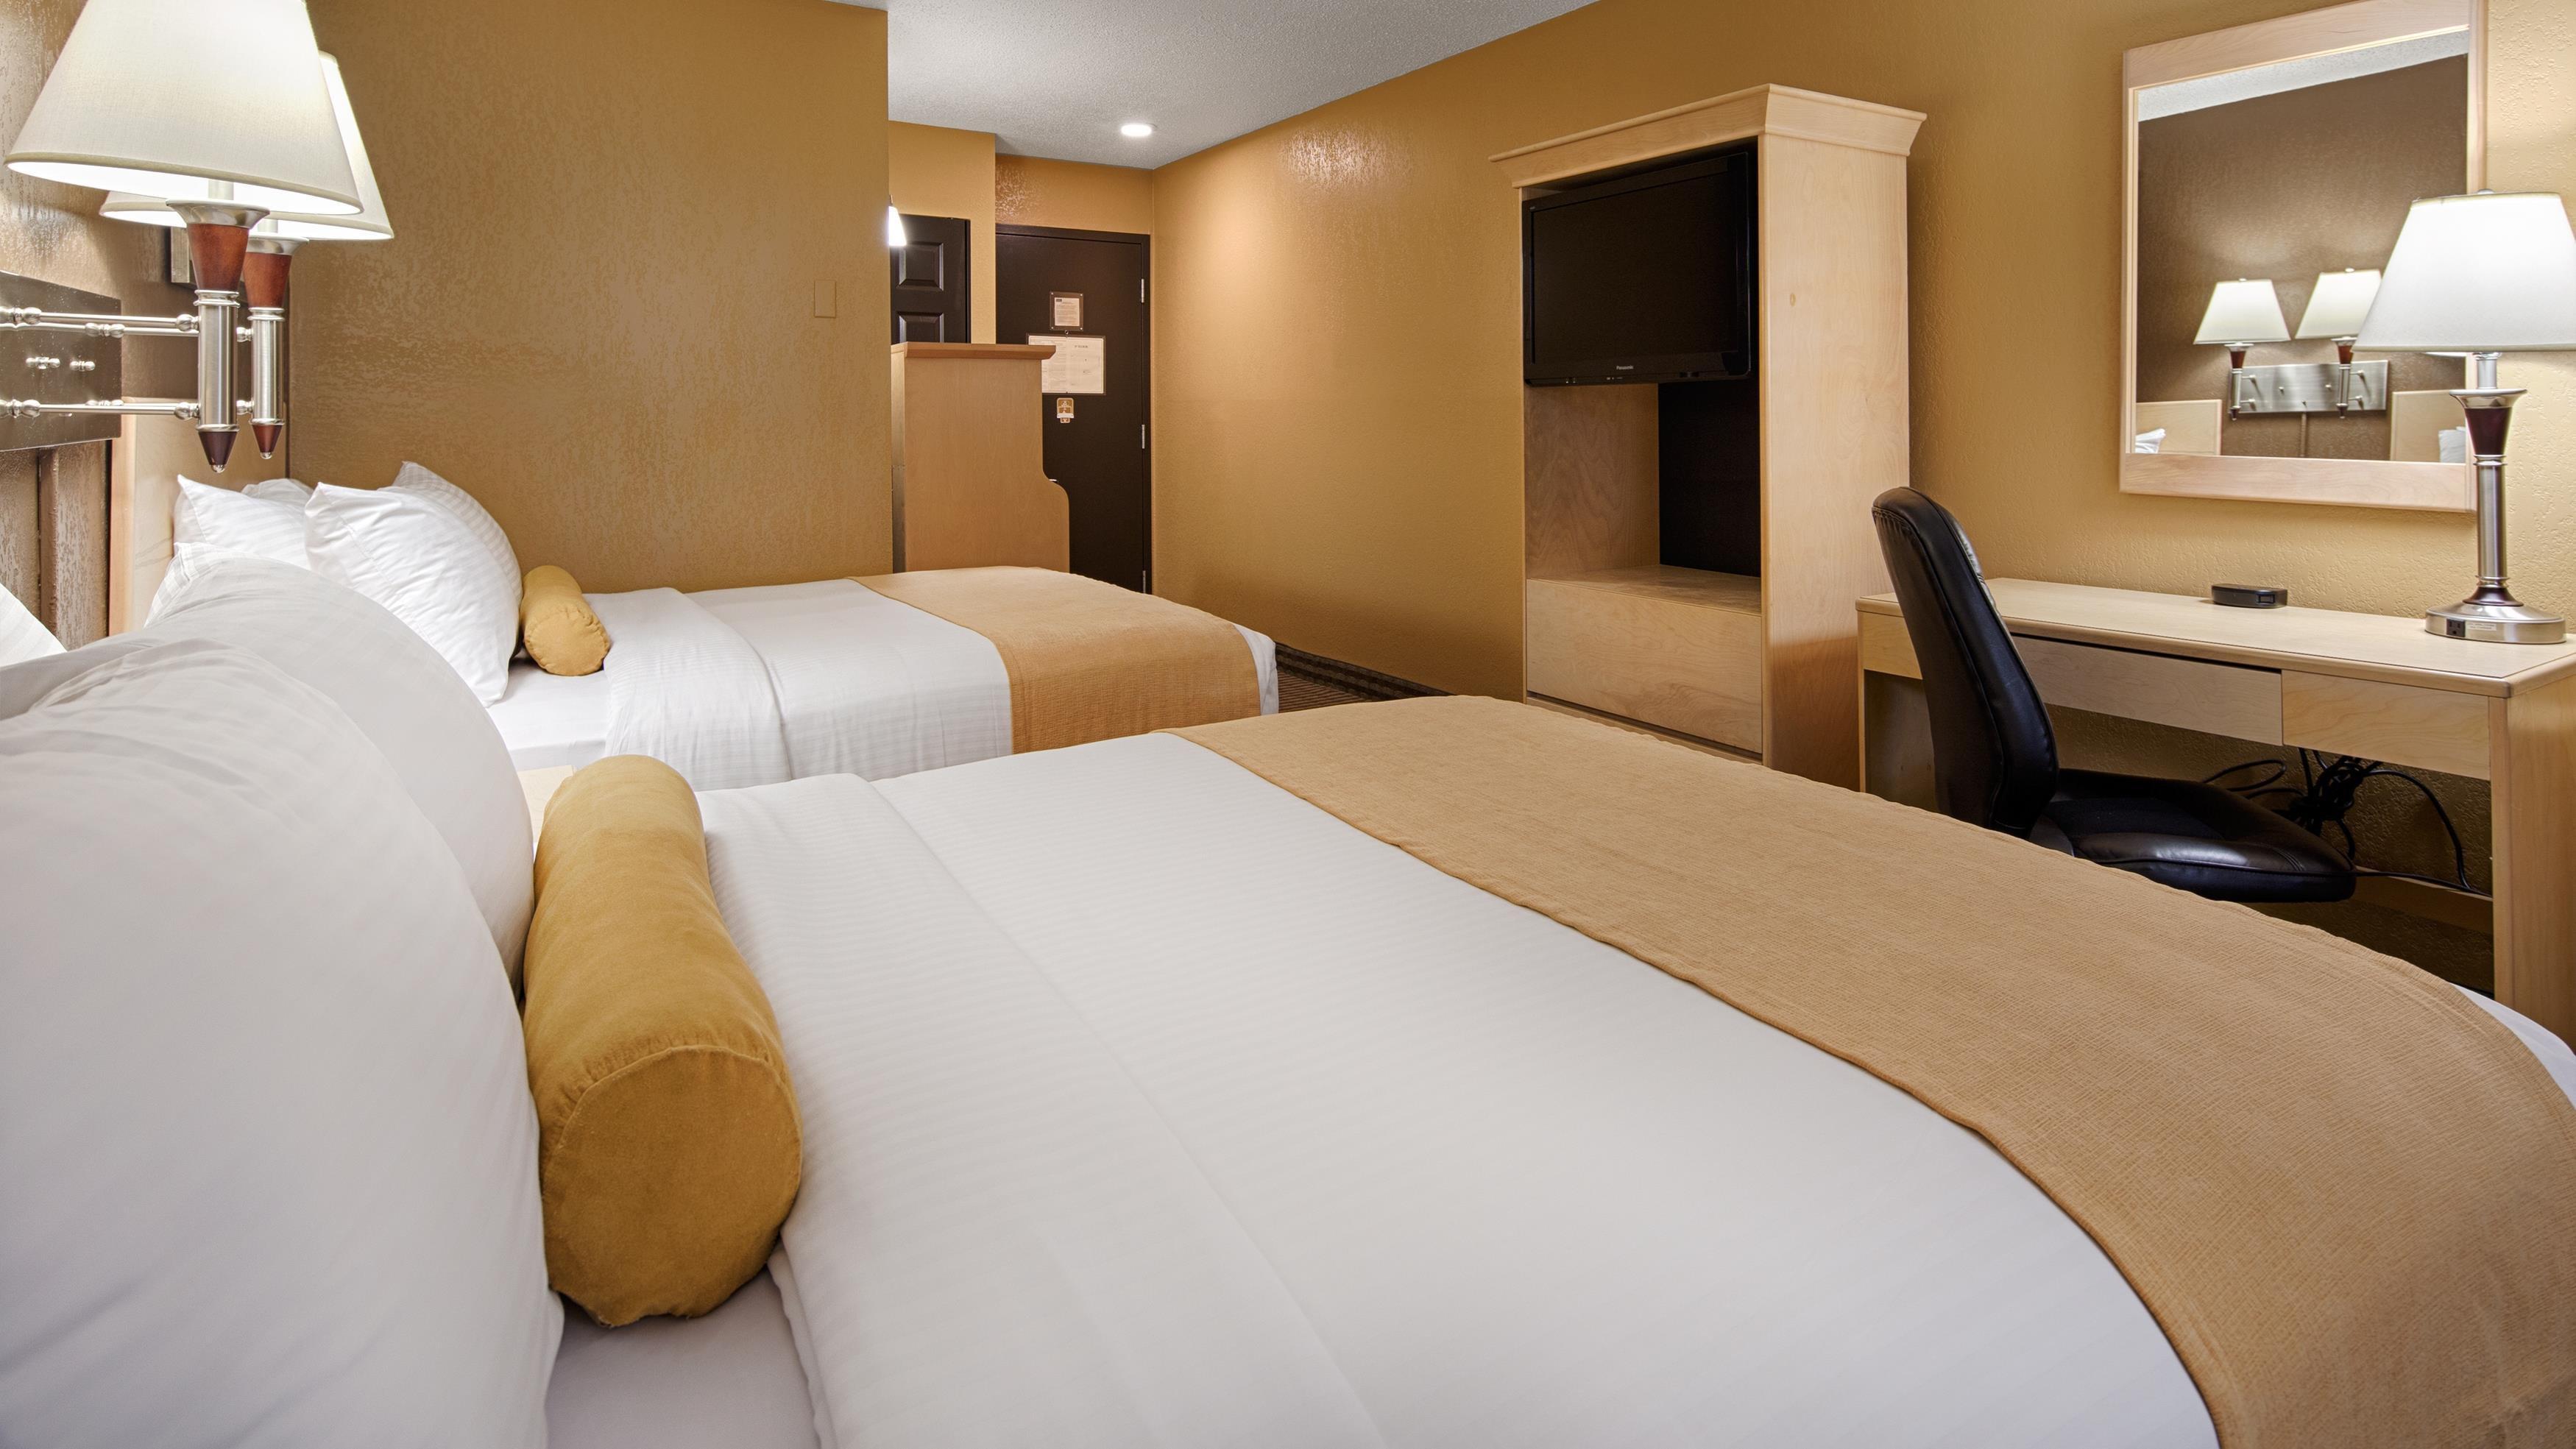 Best Western Seven Oaks Inn in Regina: Two Double Bed Guest Room